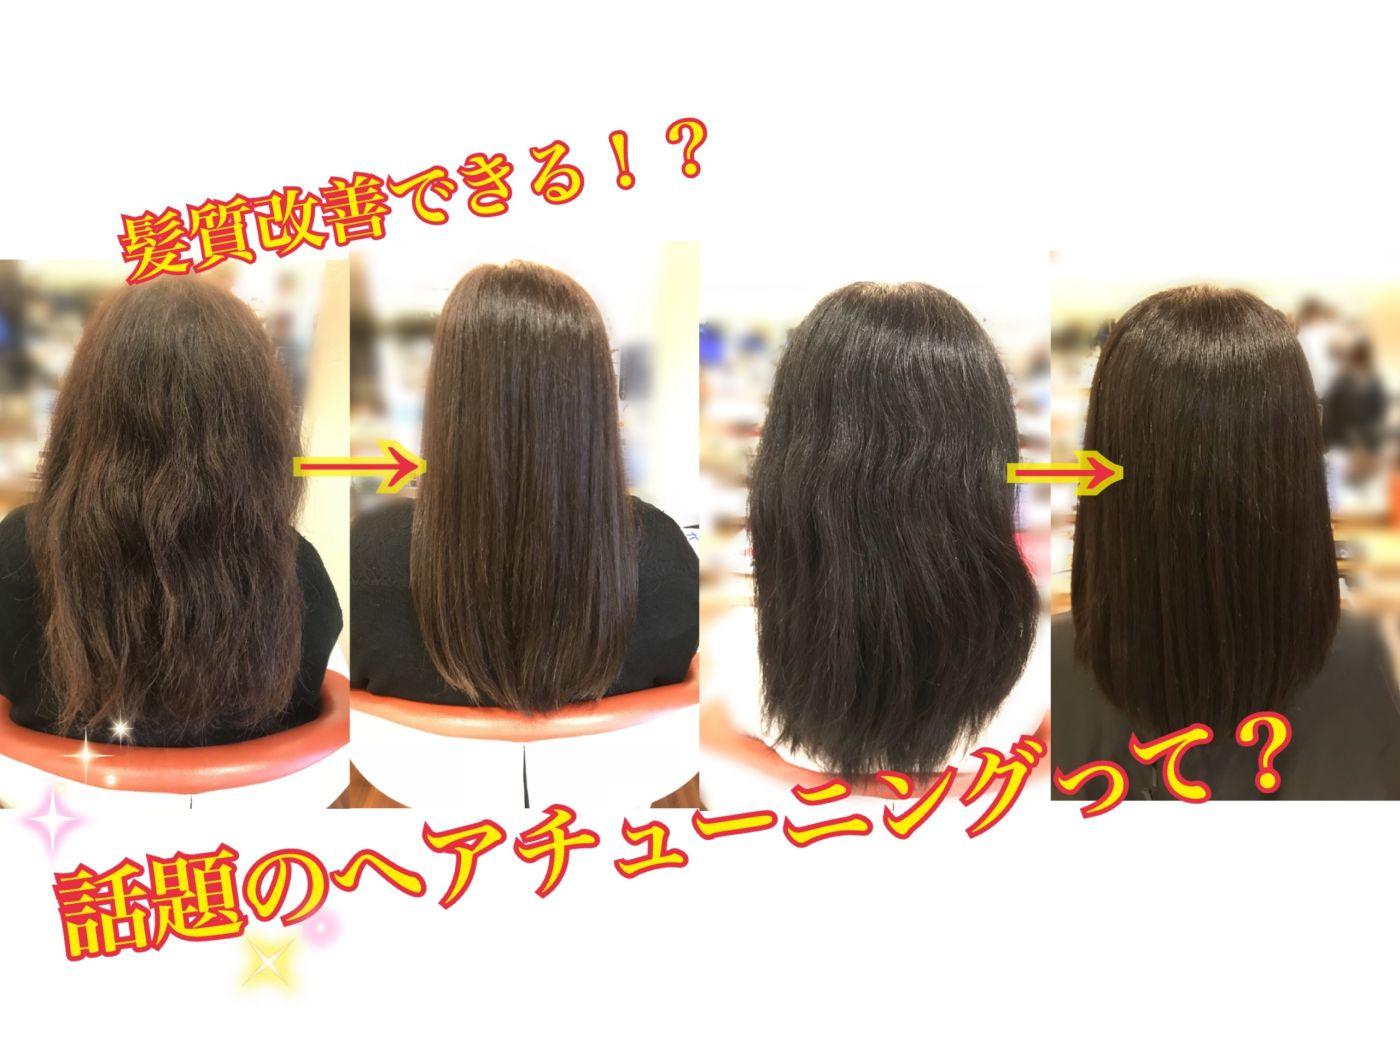 髪質改善?!話題のヘアチューニングって?